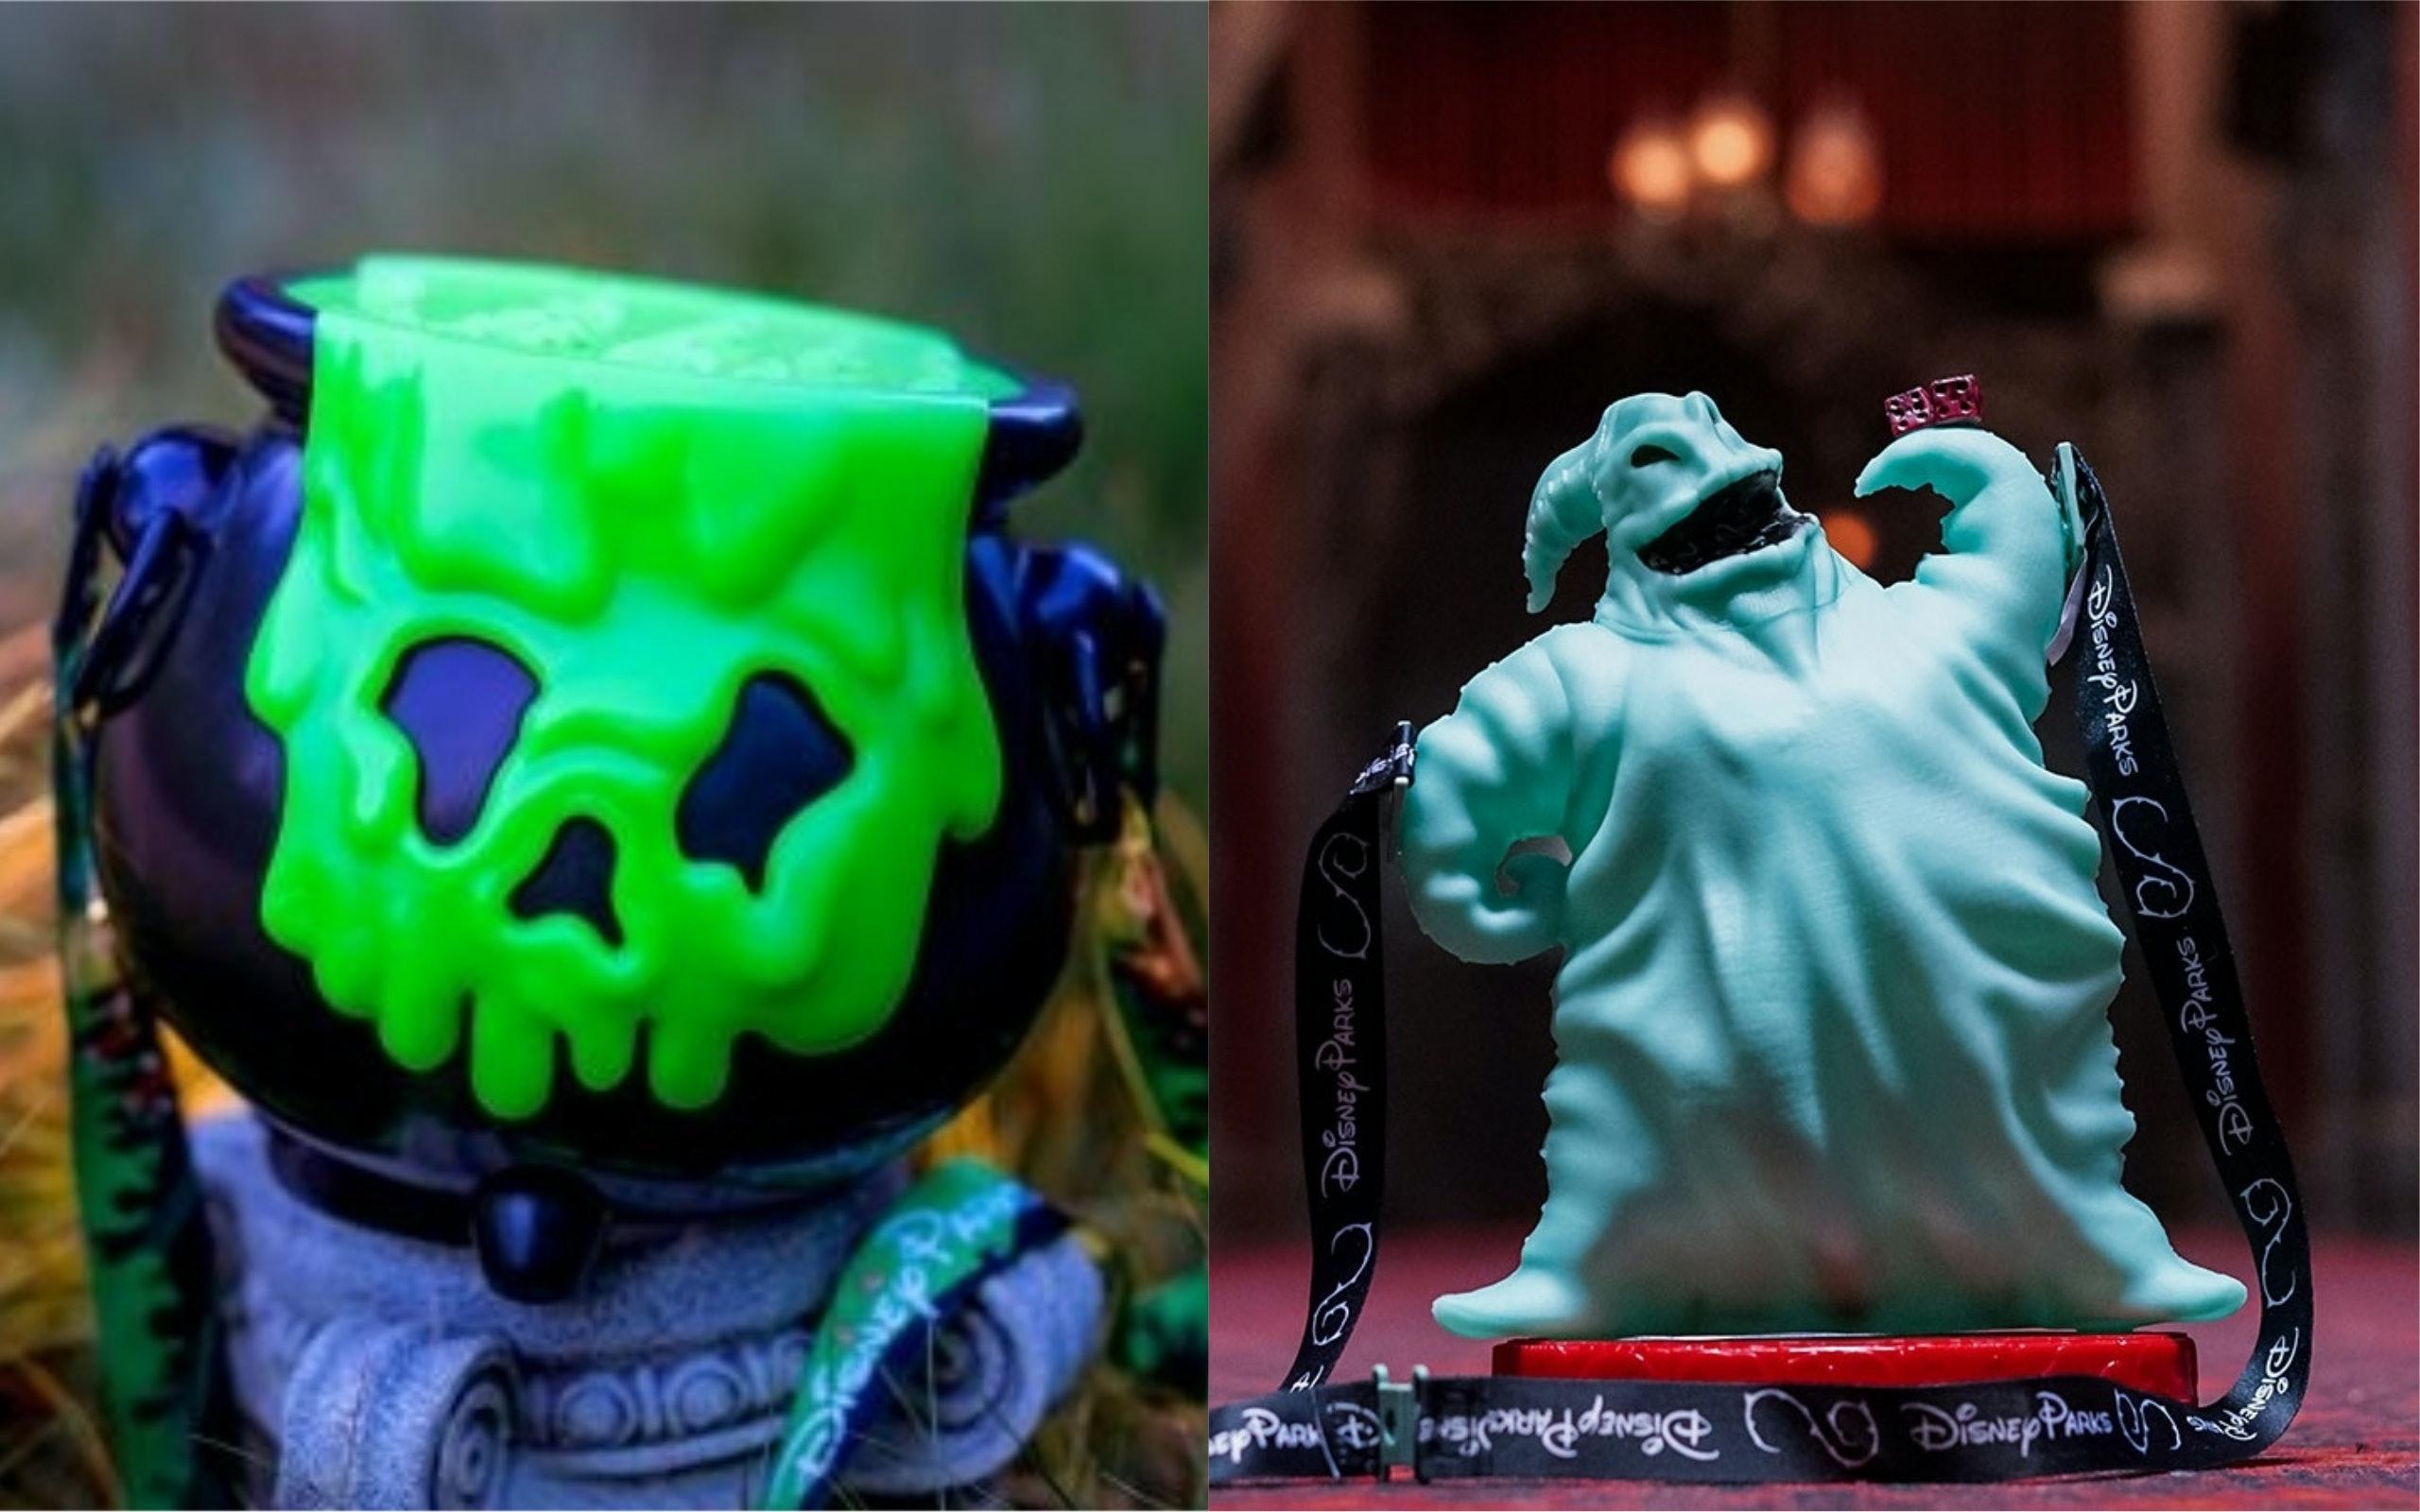 Disneyland Halloween Popcorn Bucket 2018.Disney Parks Halloween 2018 Merchandise Is A Spooky 90s